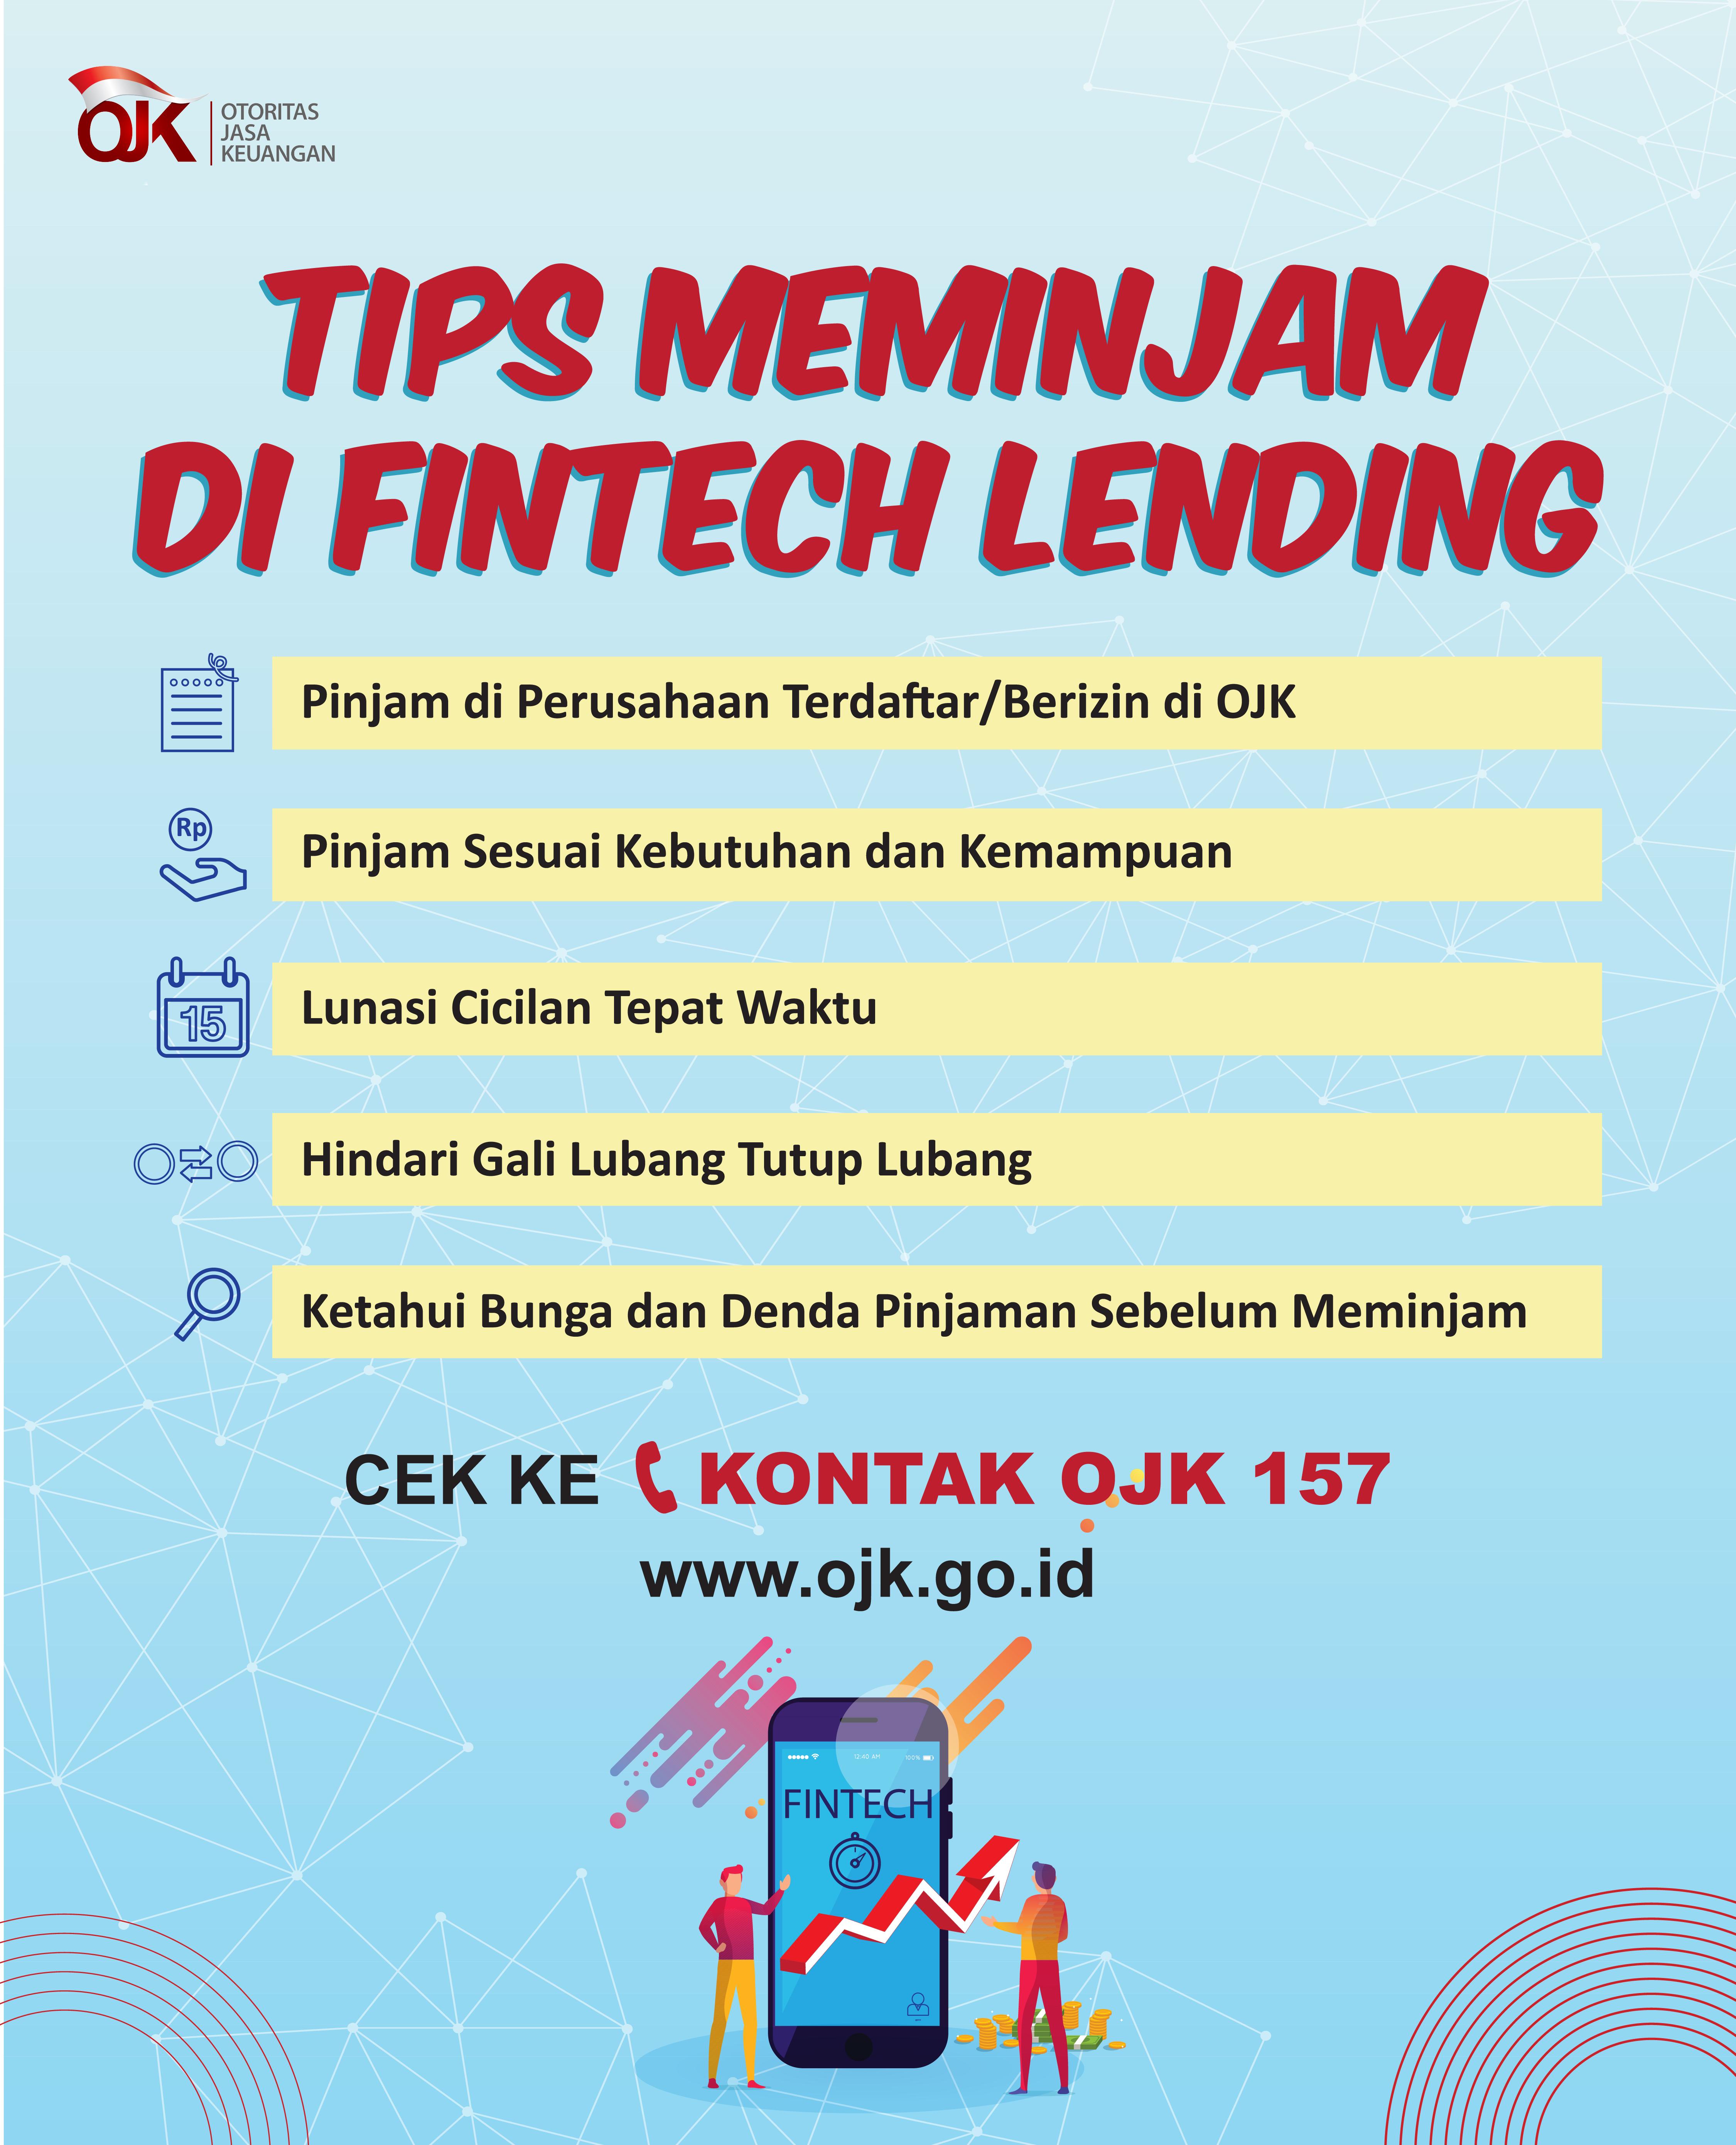 Tips Meminjam Di Fintech Lending Sikapi